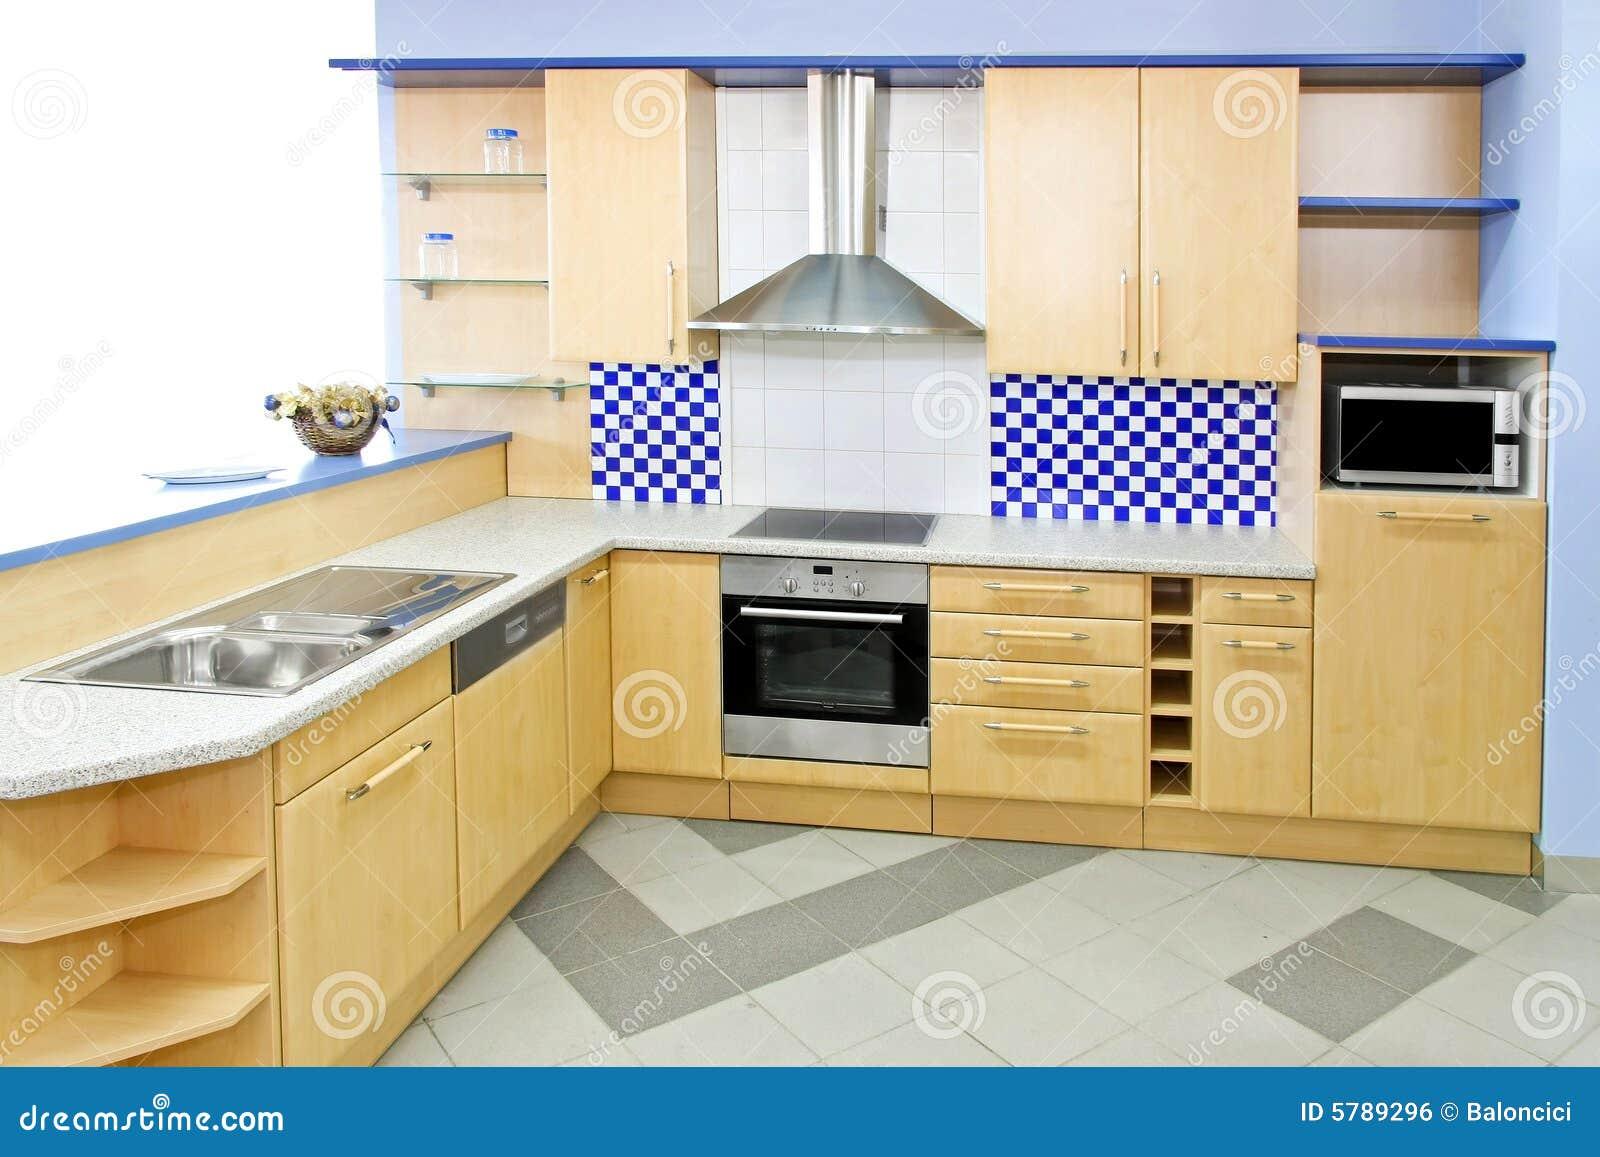 Blauwe keuken royalty vrije stock afbeelding afbeelding 5789296 - Keuken volledige verkoop ...